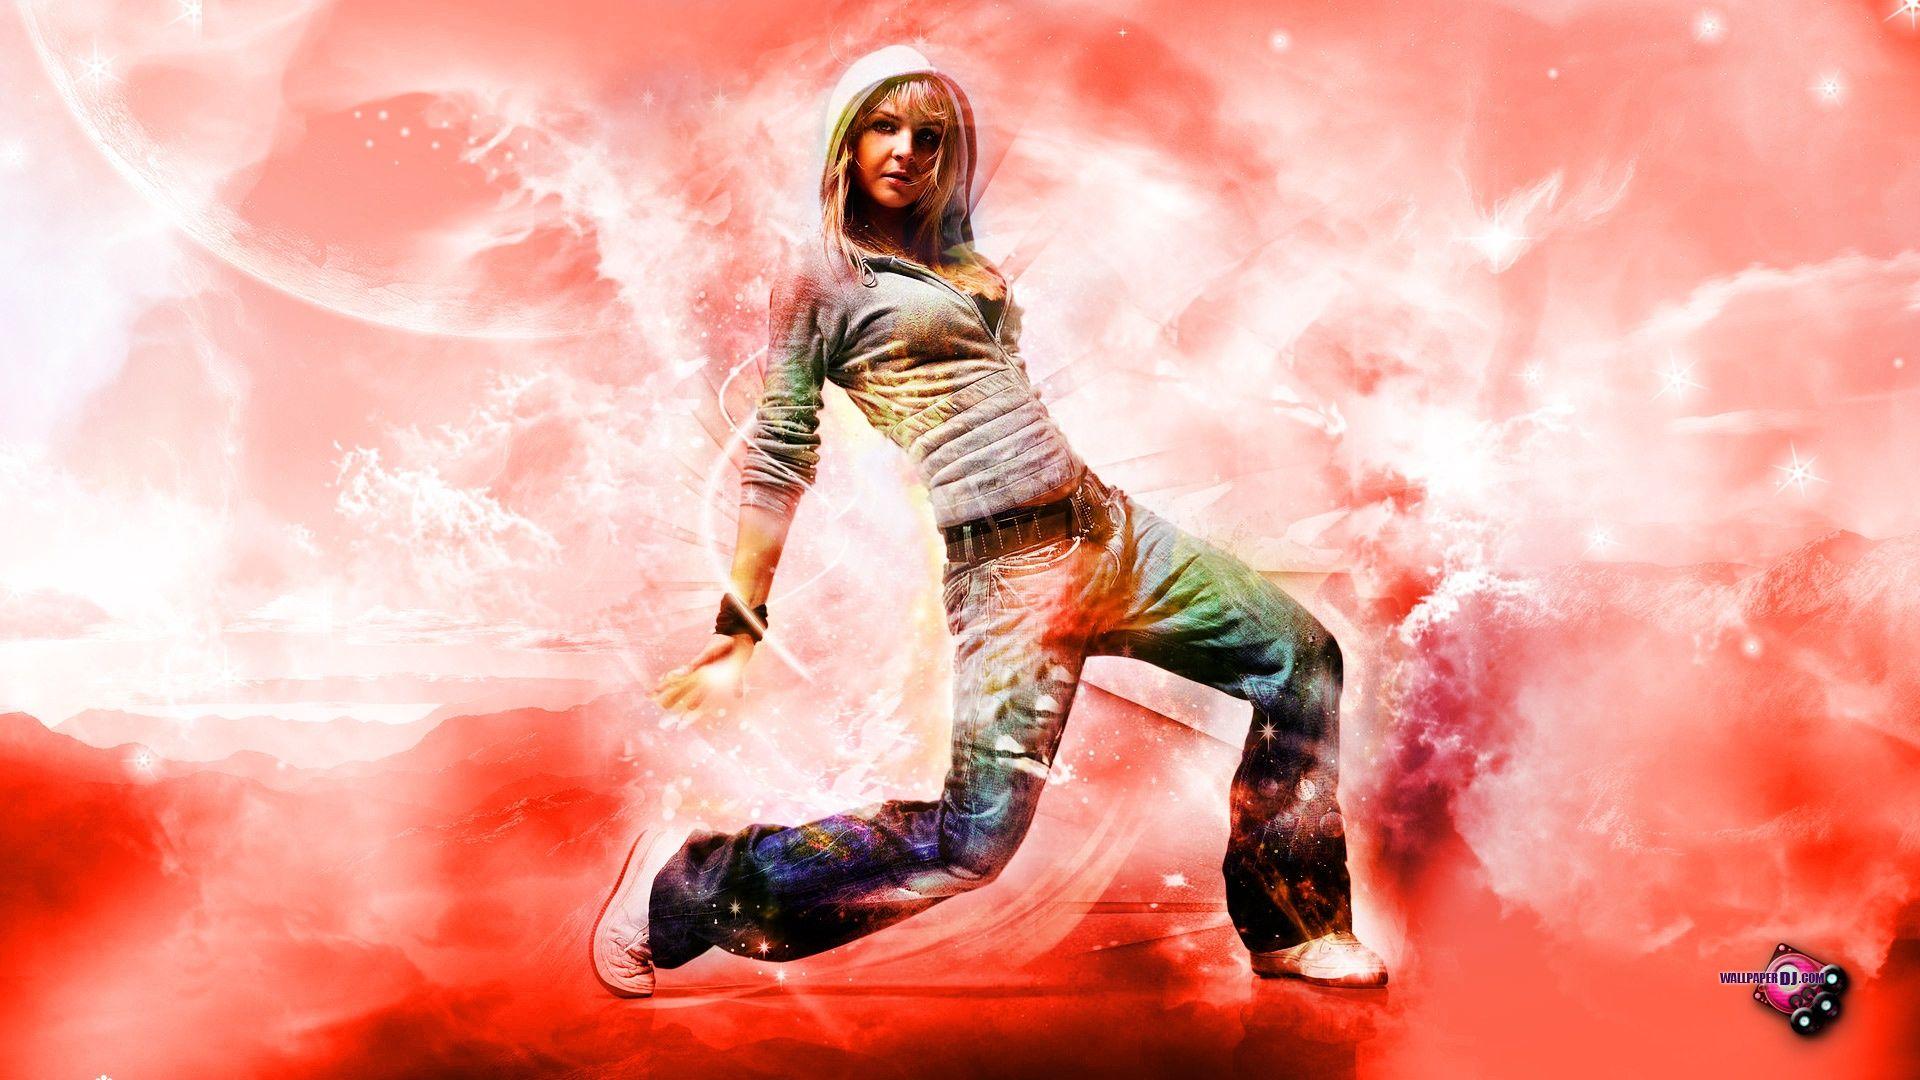 Dance good wallpaper hd